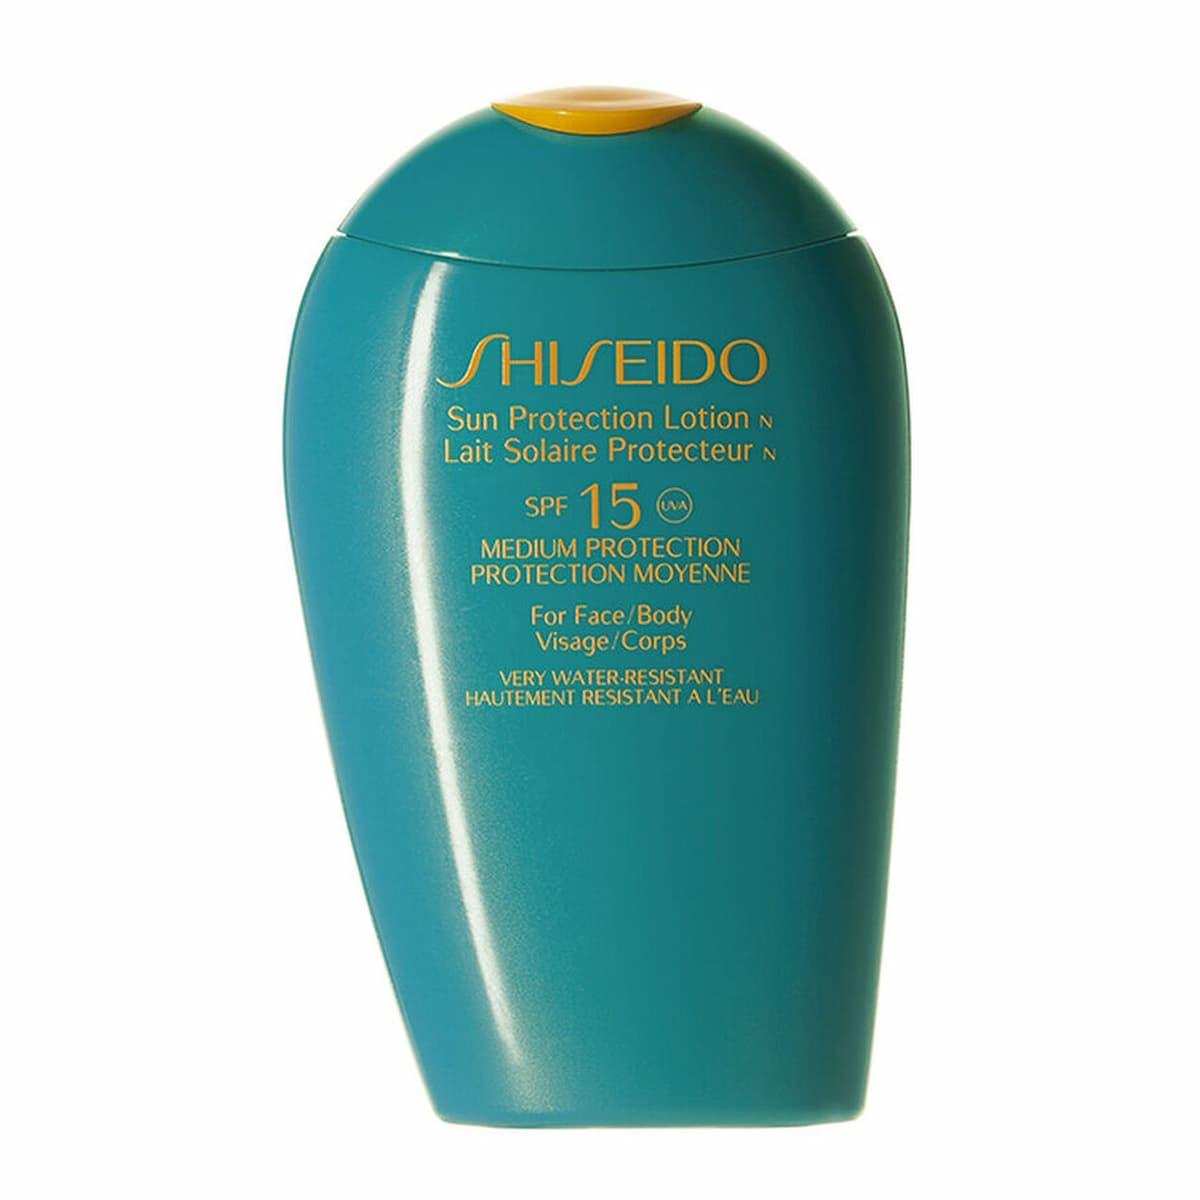 Shiseido - Lait Solaire Protecteur SPF 15